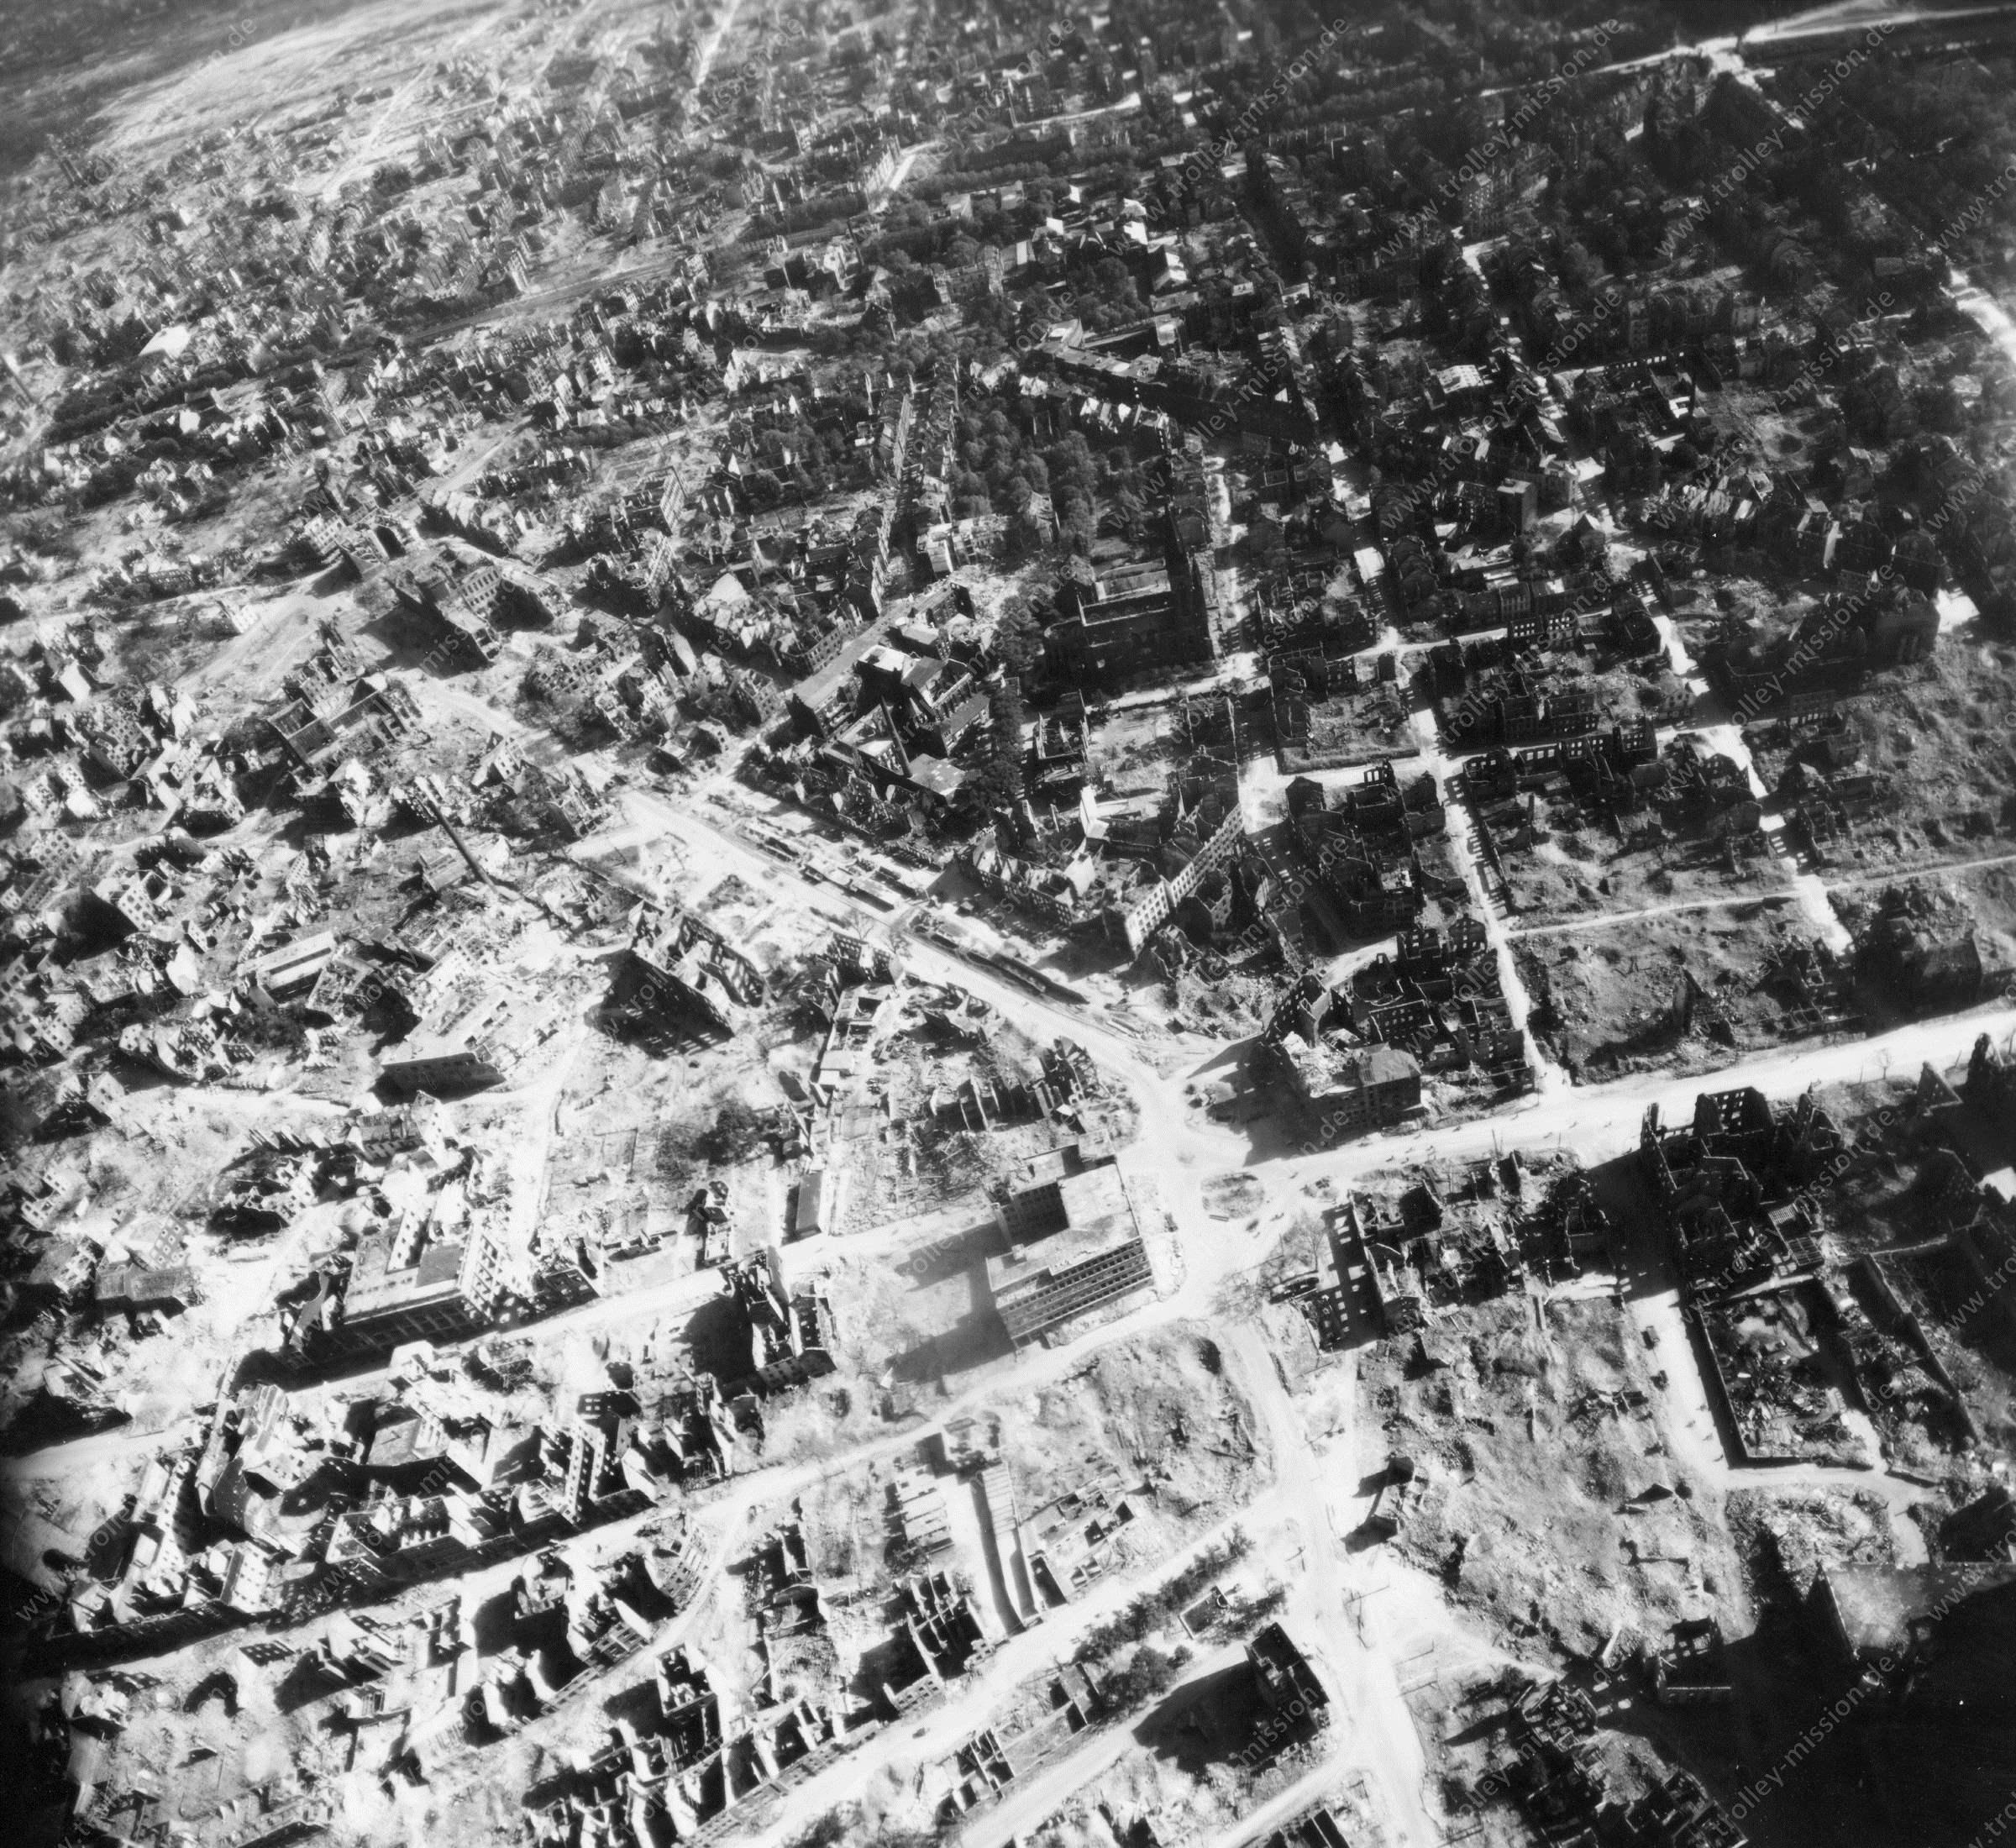 Luftbild von Dortmund am 12. Mai 1945 - Luftbildserie 3/4 der US Air Force